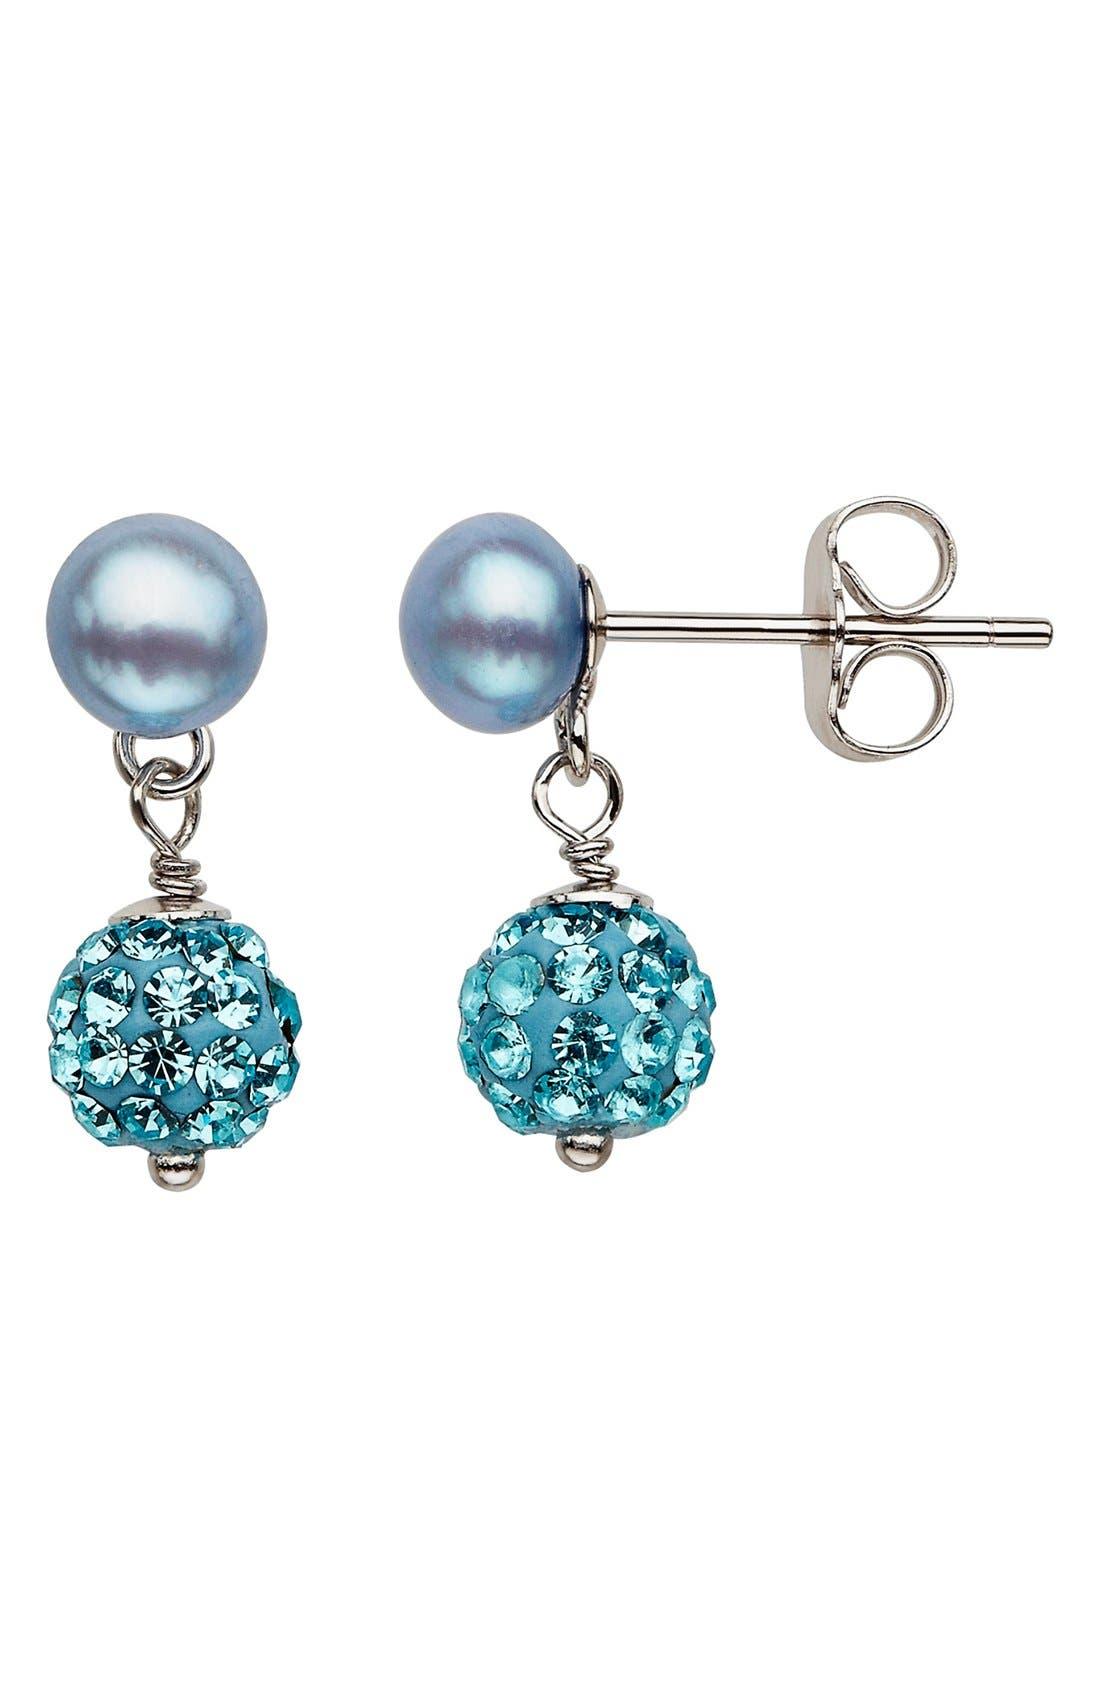 Crystal & FreshwaterPearl Earrings,                         Main,                         color, Sky Blue